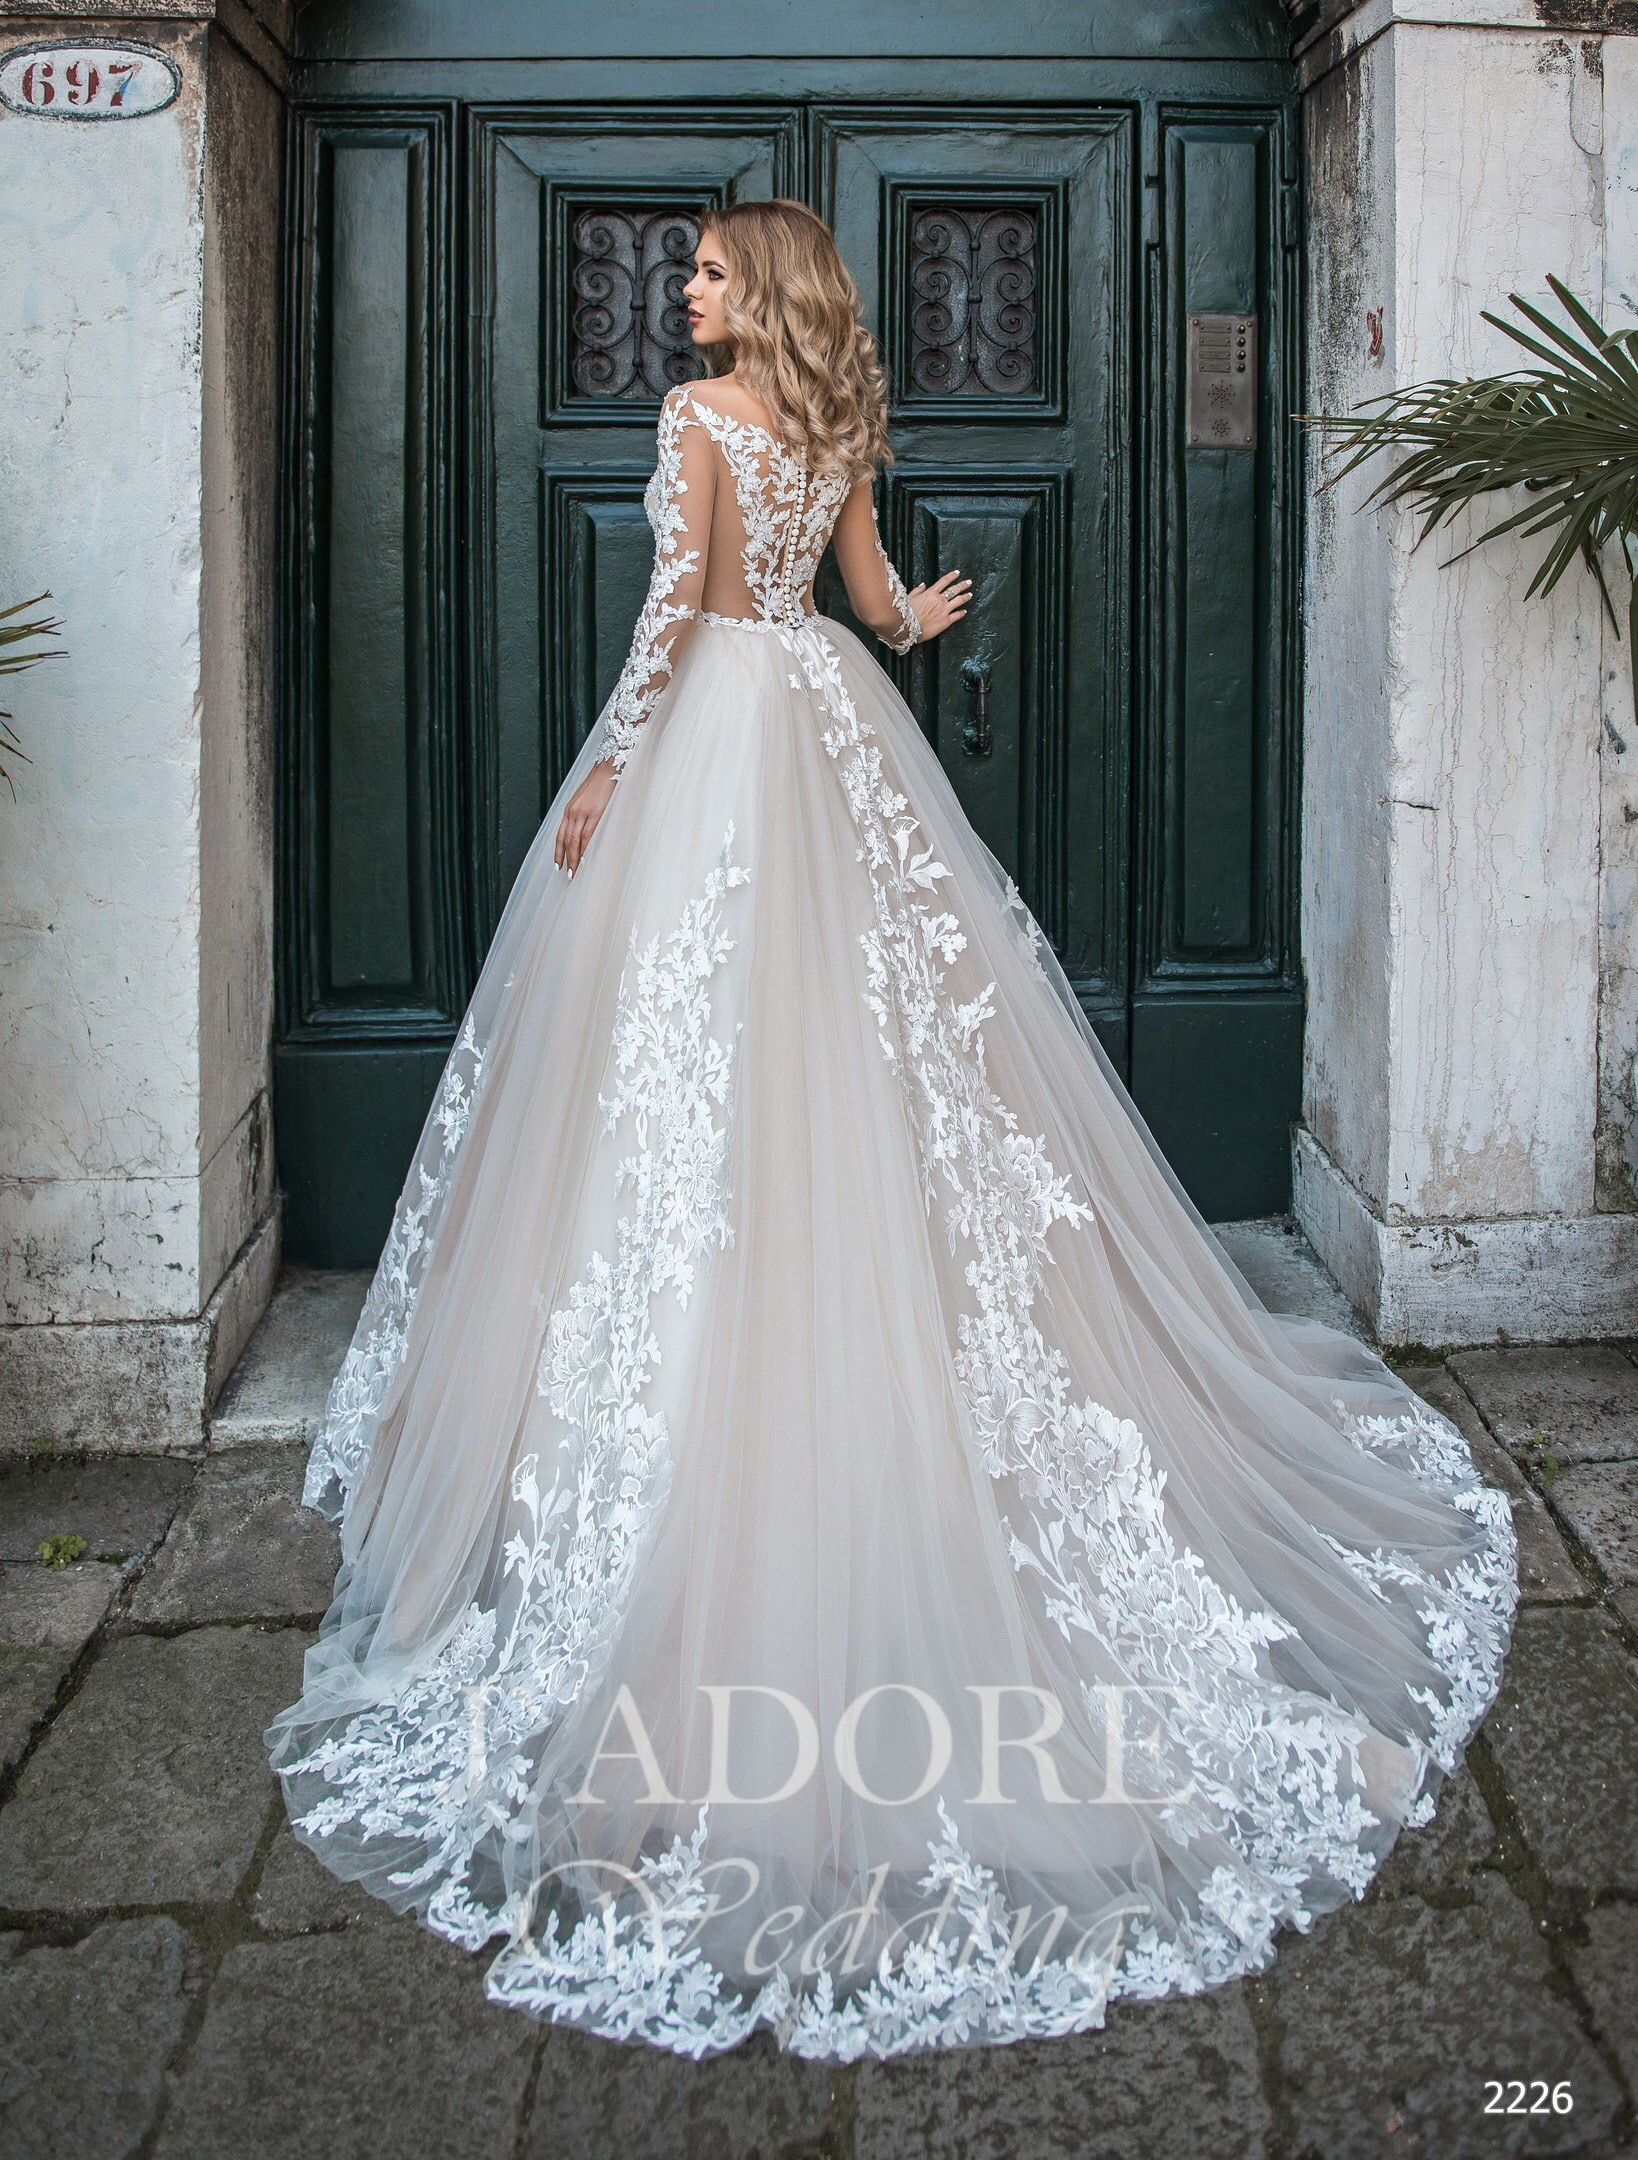 ????????? ?????? J'ADORE Wedding Boutique   Wedding dresses ...